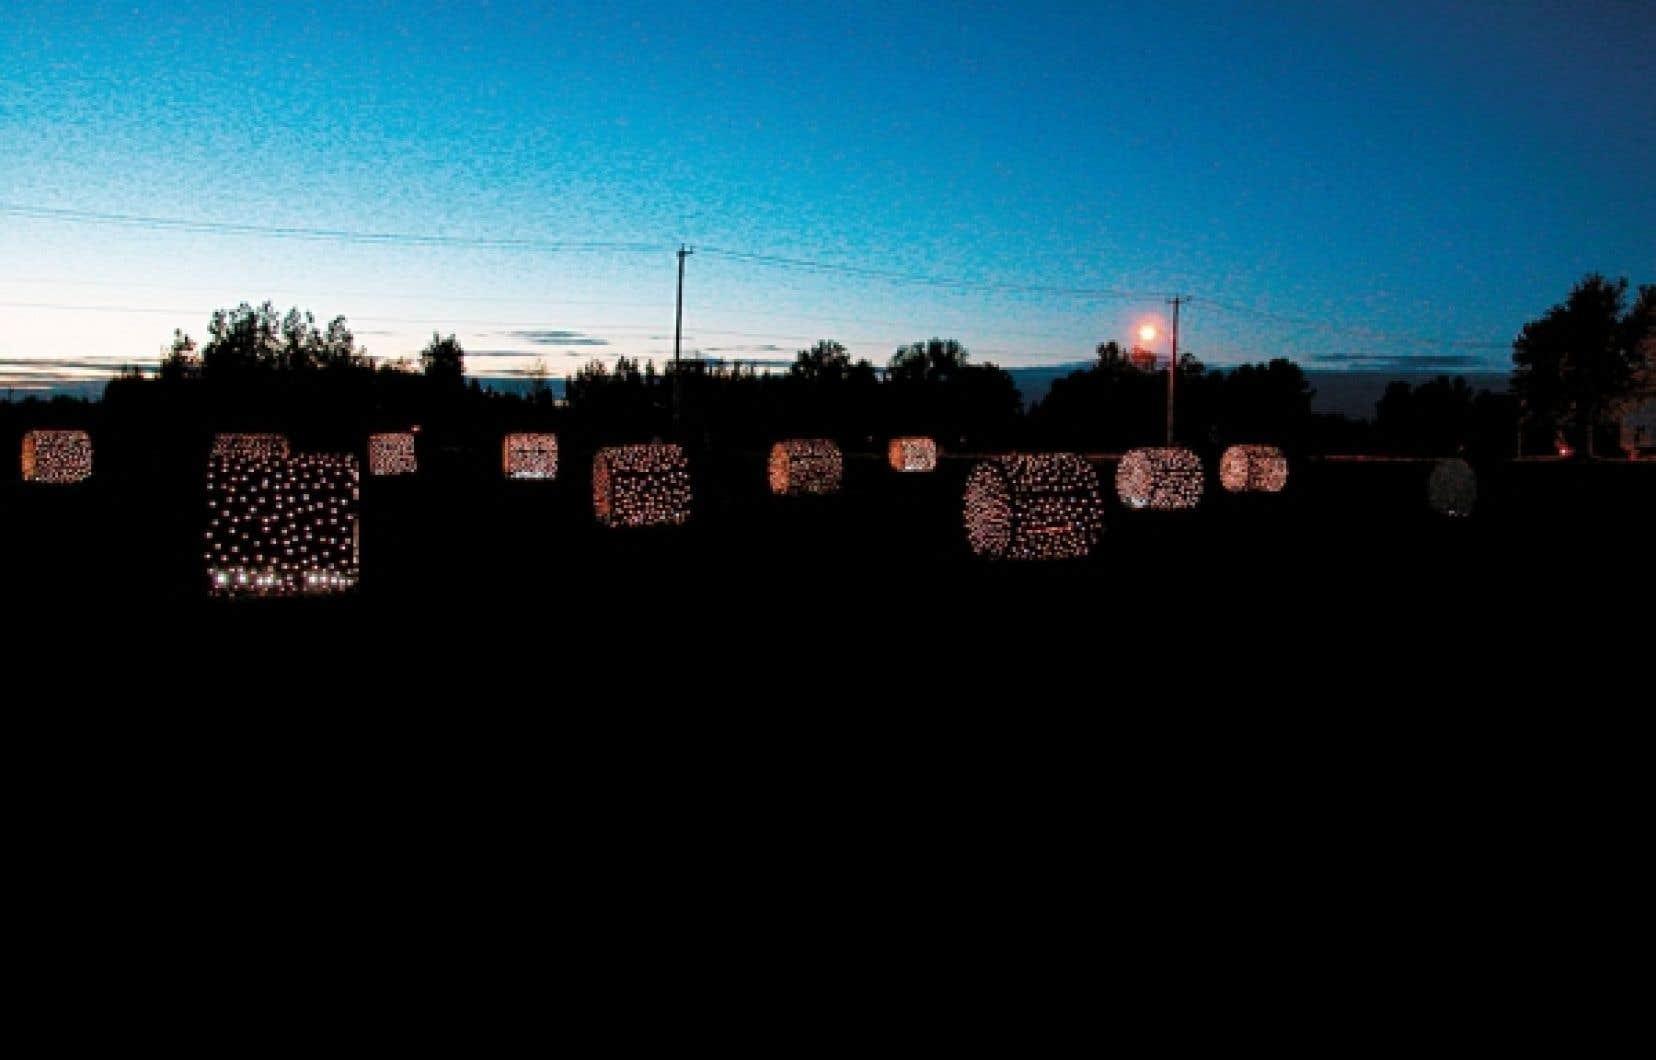 Les belles balles, tubes fluorescents, Saint-Casimir, en collaboration avec l'œil de poisson, 2006